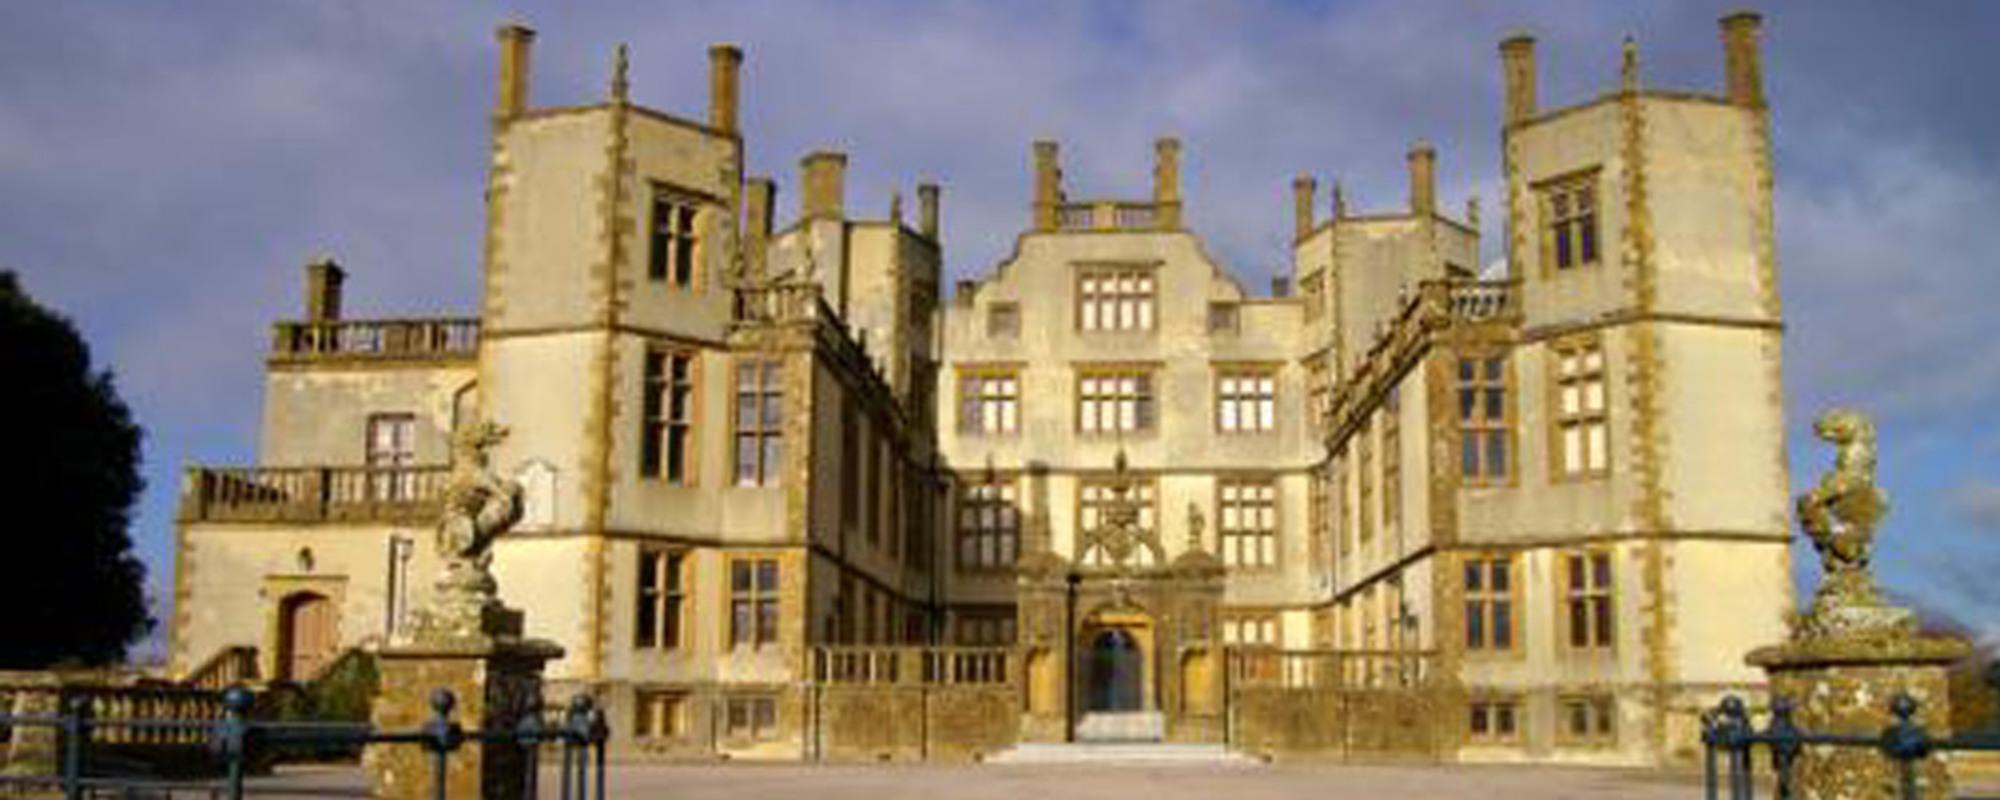 Sherborne castle banner.full